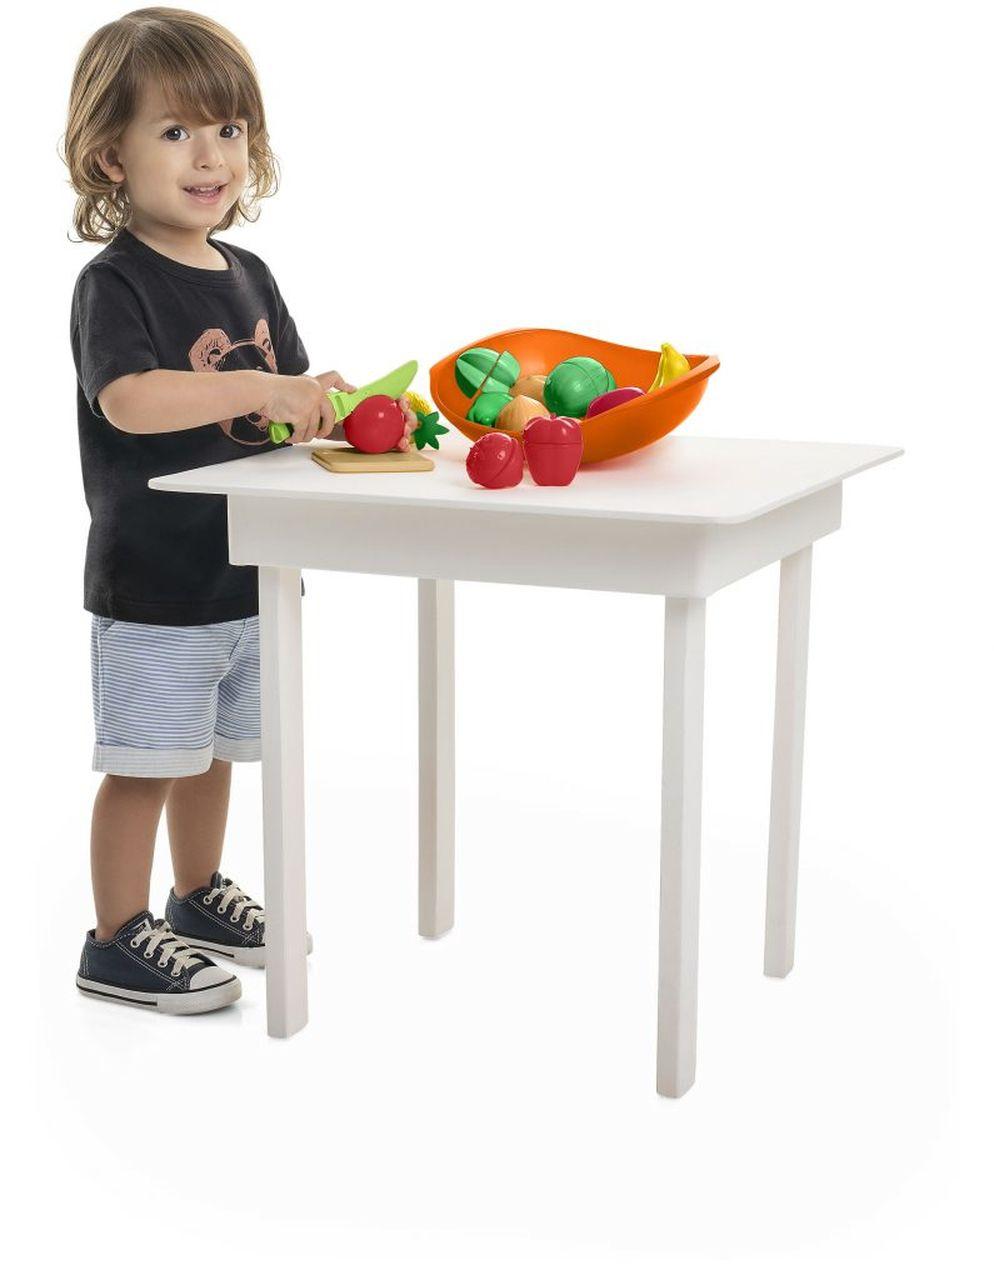 Brinquedo Infantil Crec Crec Legumes e Frutas - Tateti 303